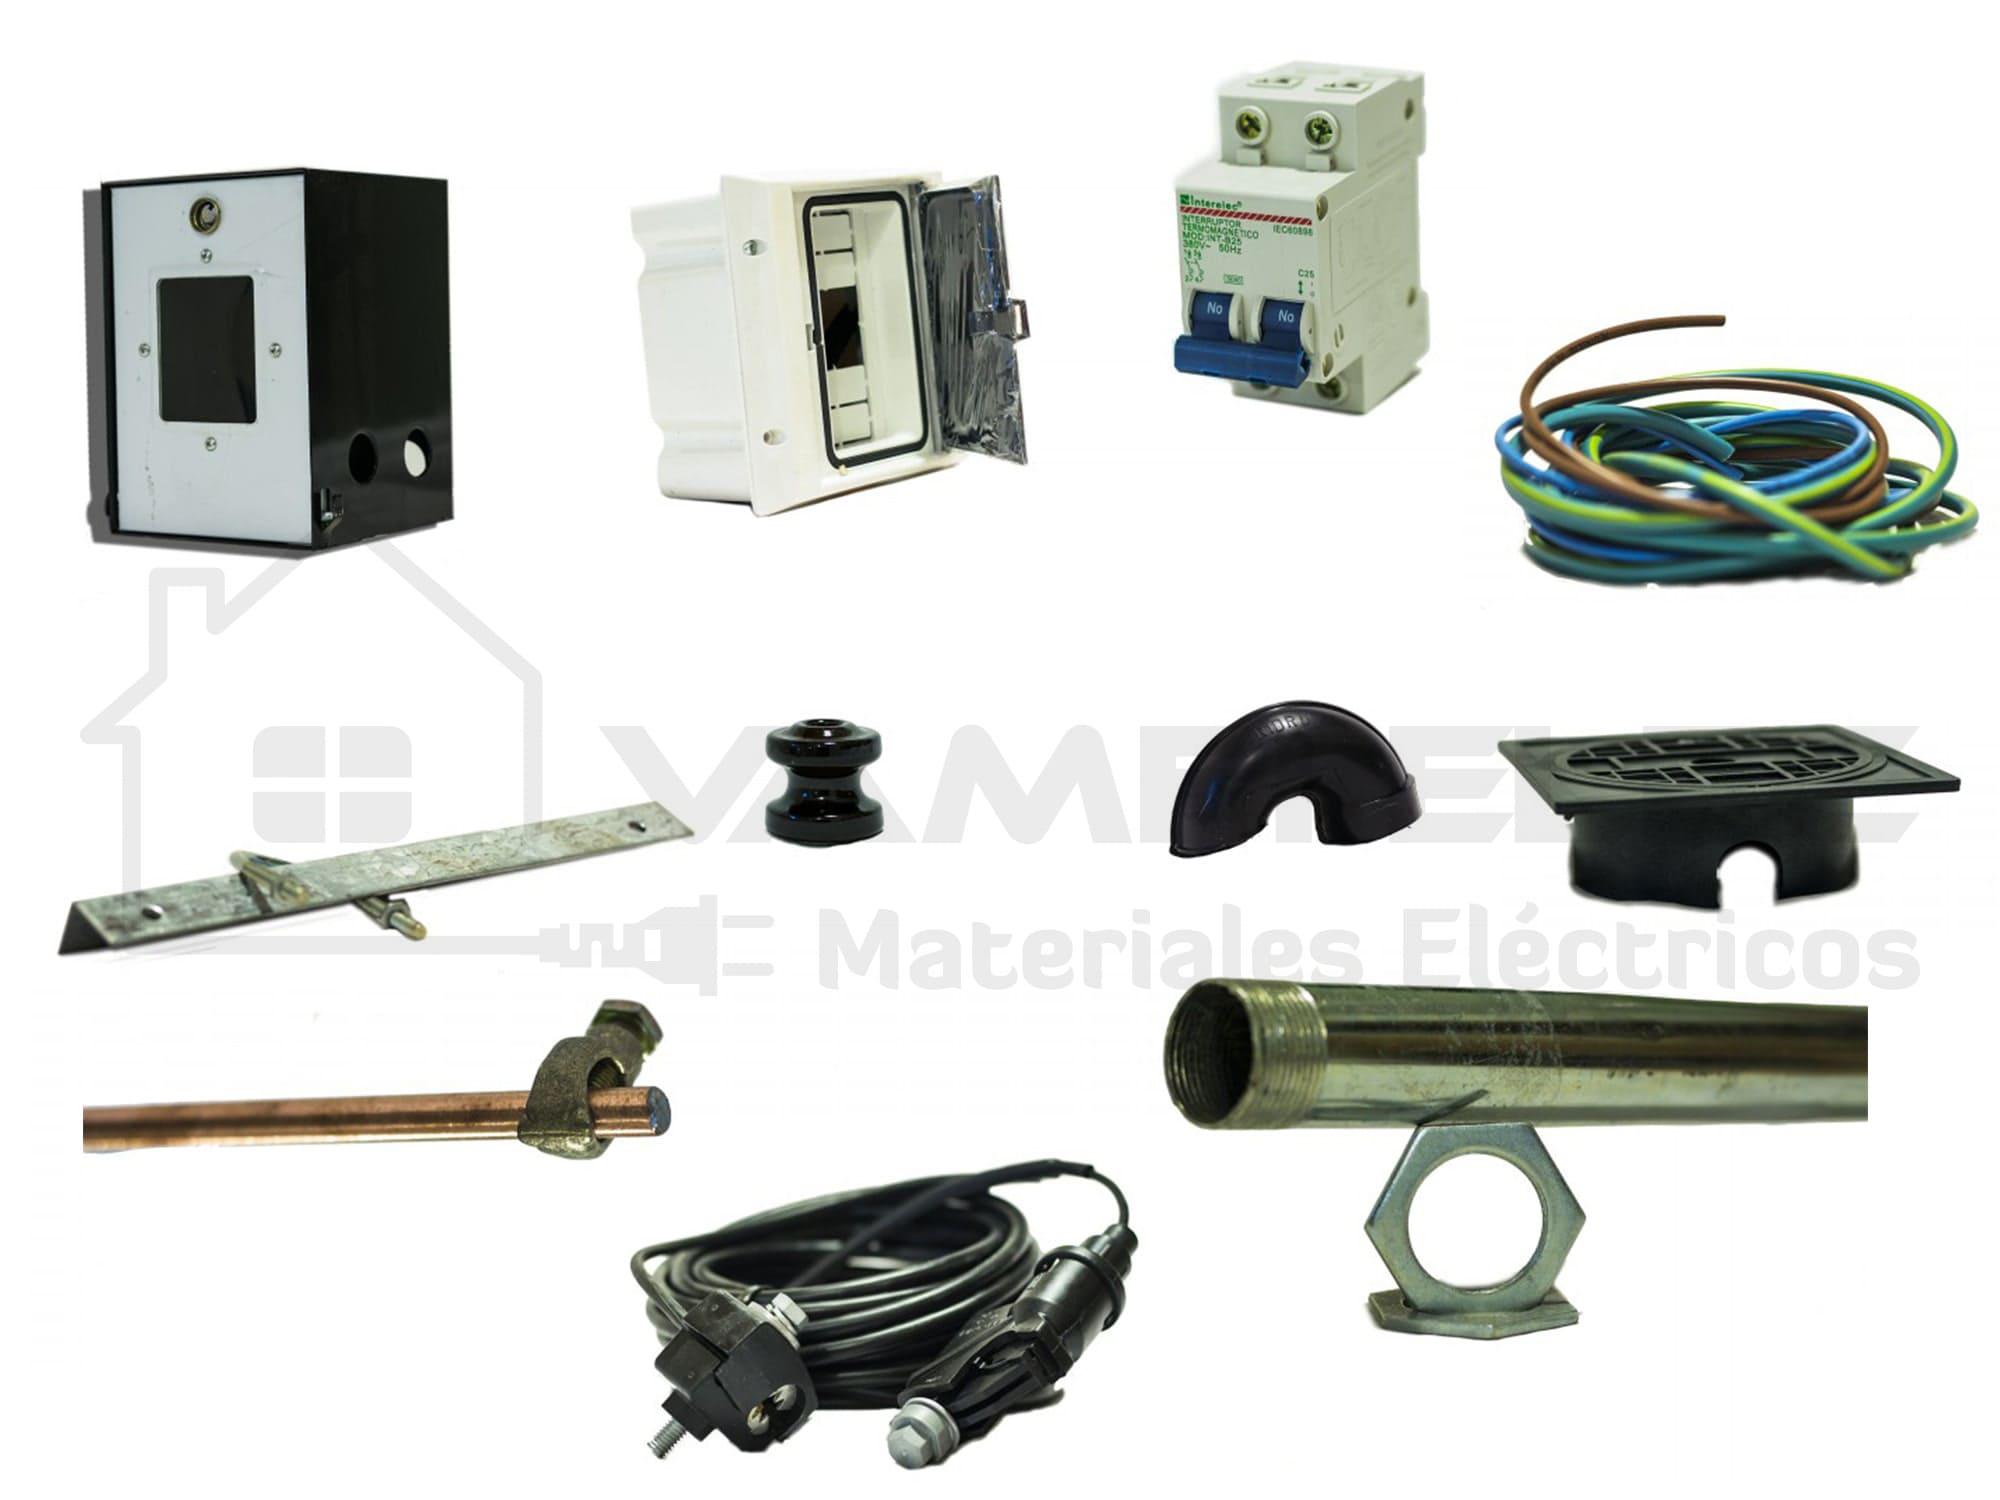 VAMEI Elec - Kit de conexión EPE - Monofásico Roldan